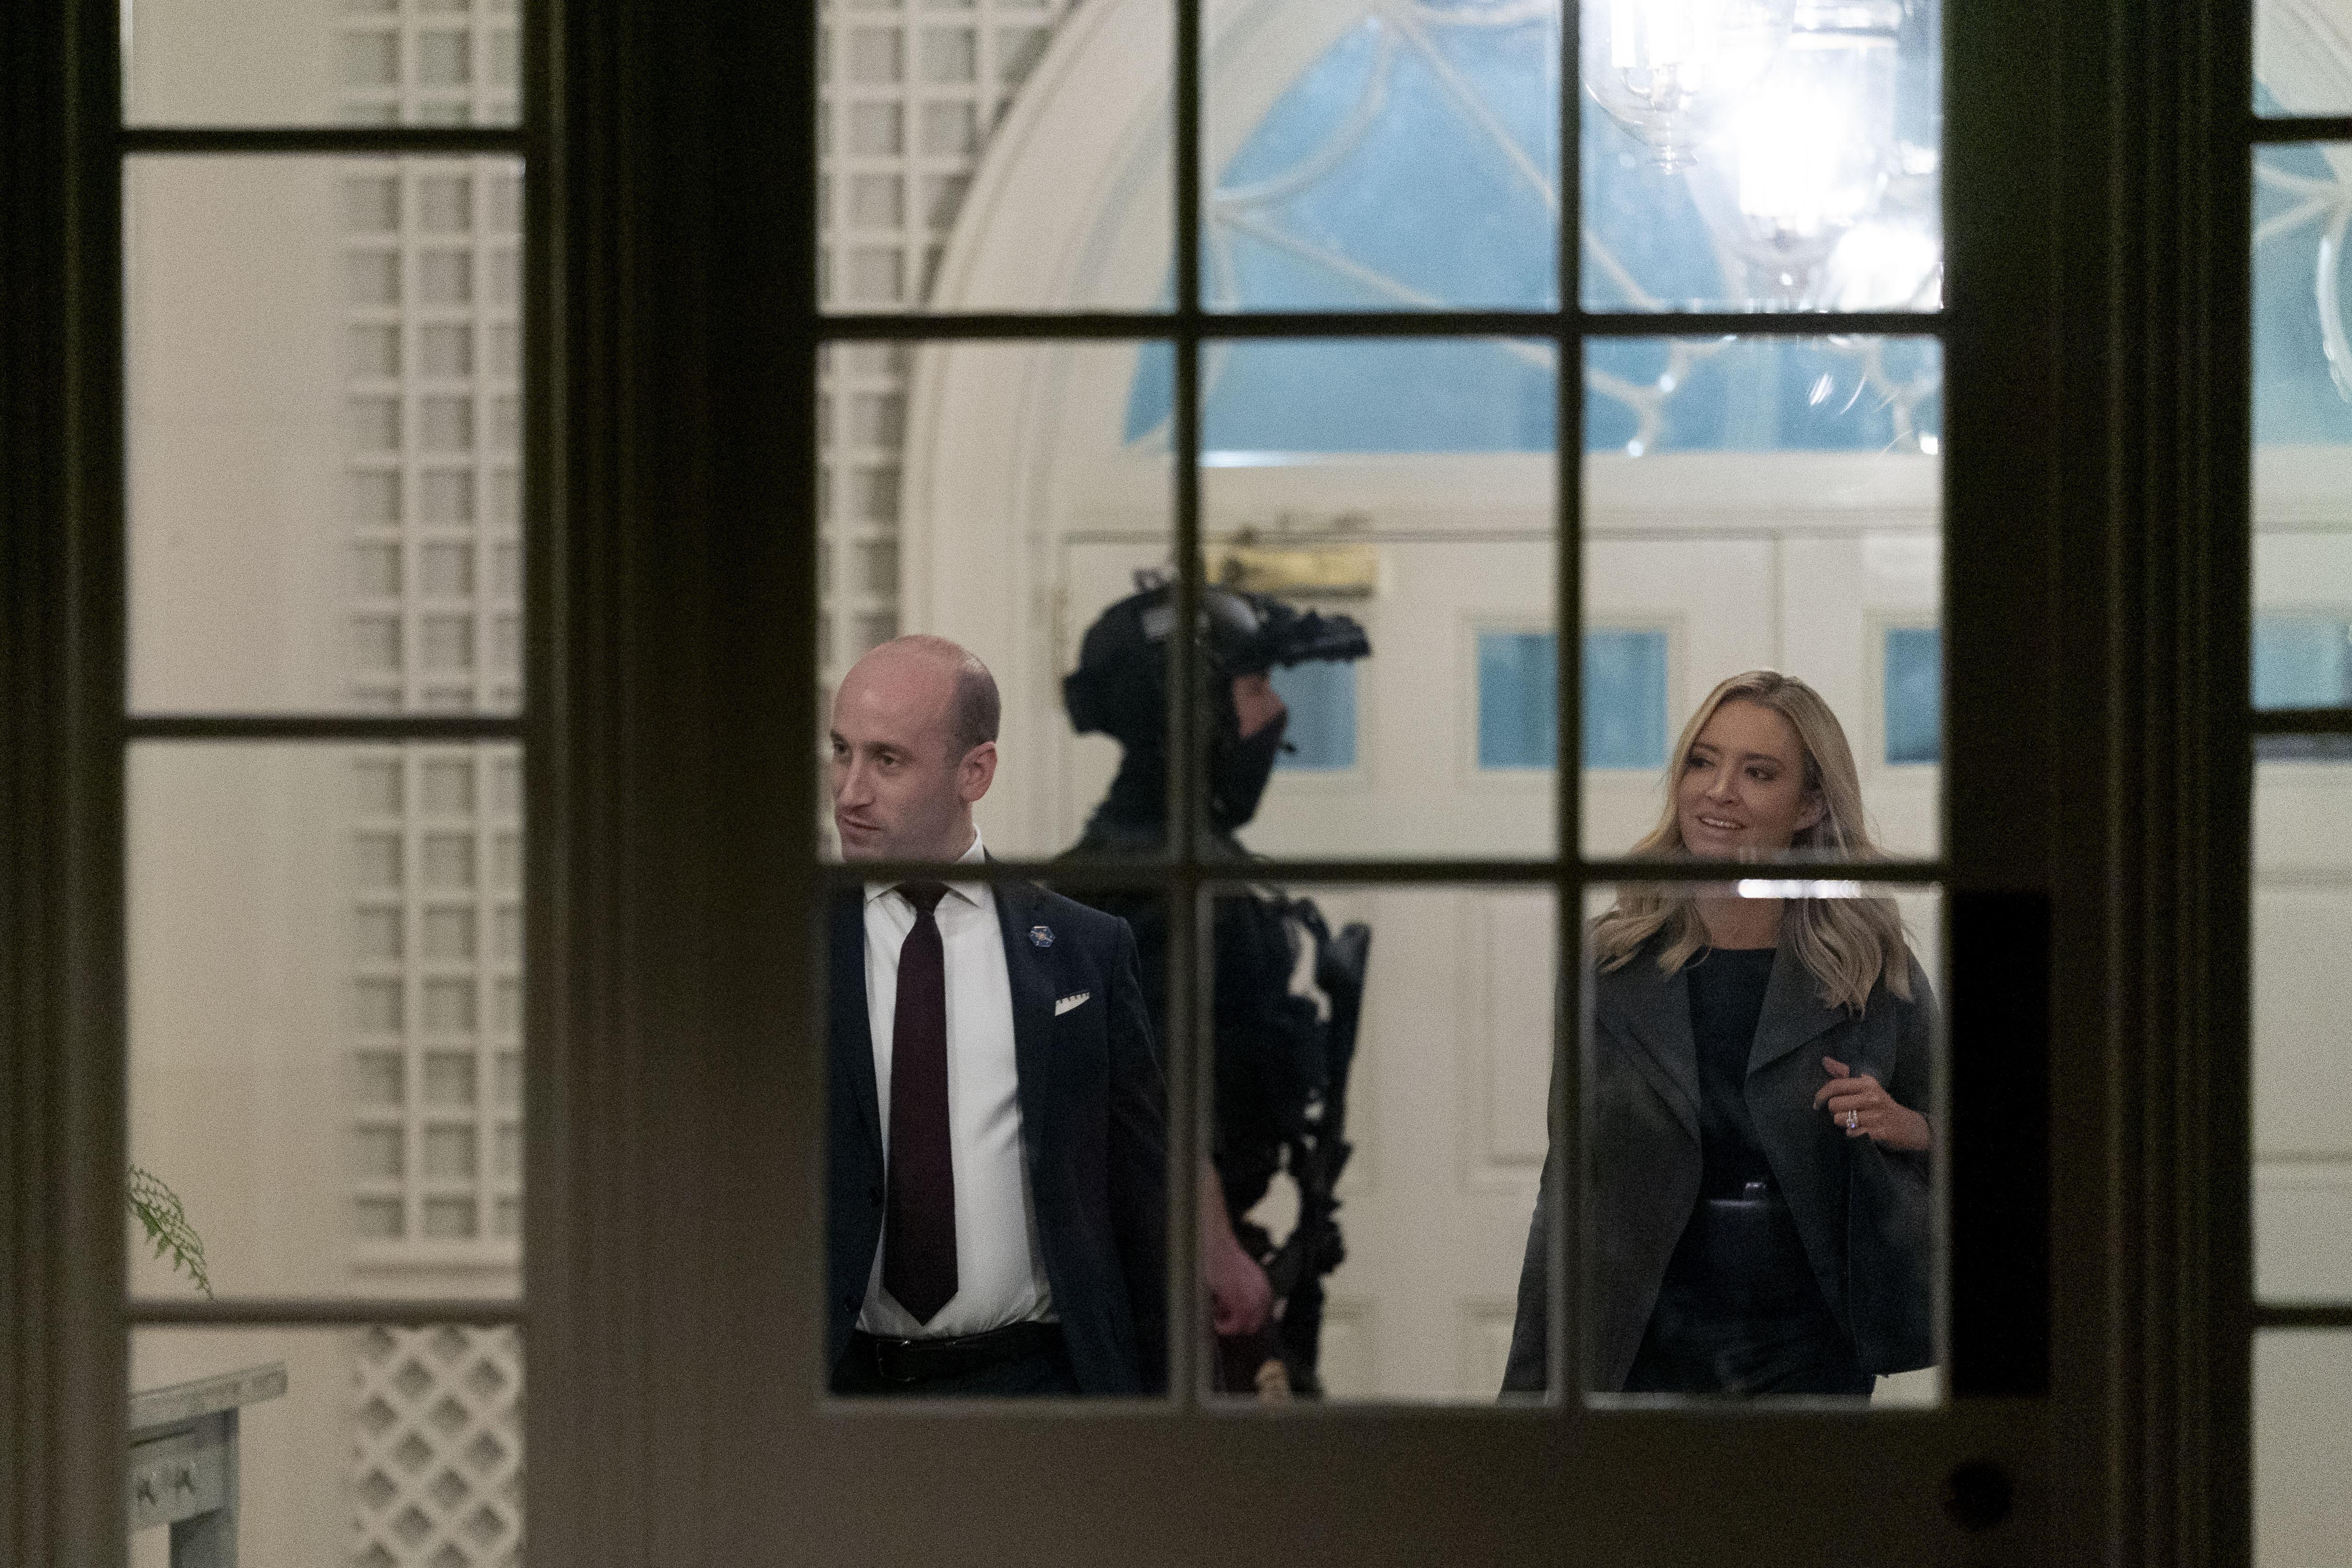 白宮主管移民事務的高級顧問米勒(左)表示,總統特朗普成功連任的話,將要求更多國家協助收容難民。    美聯社